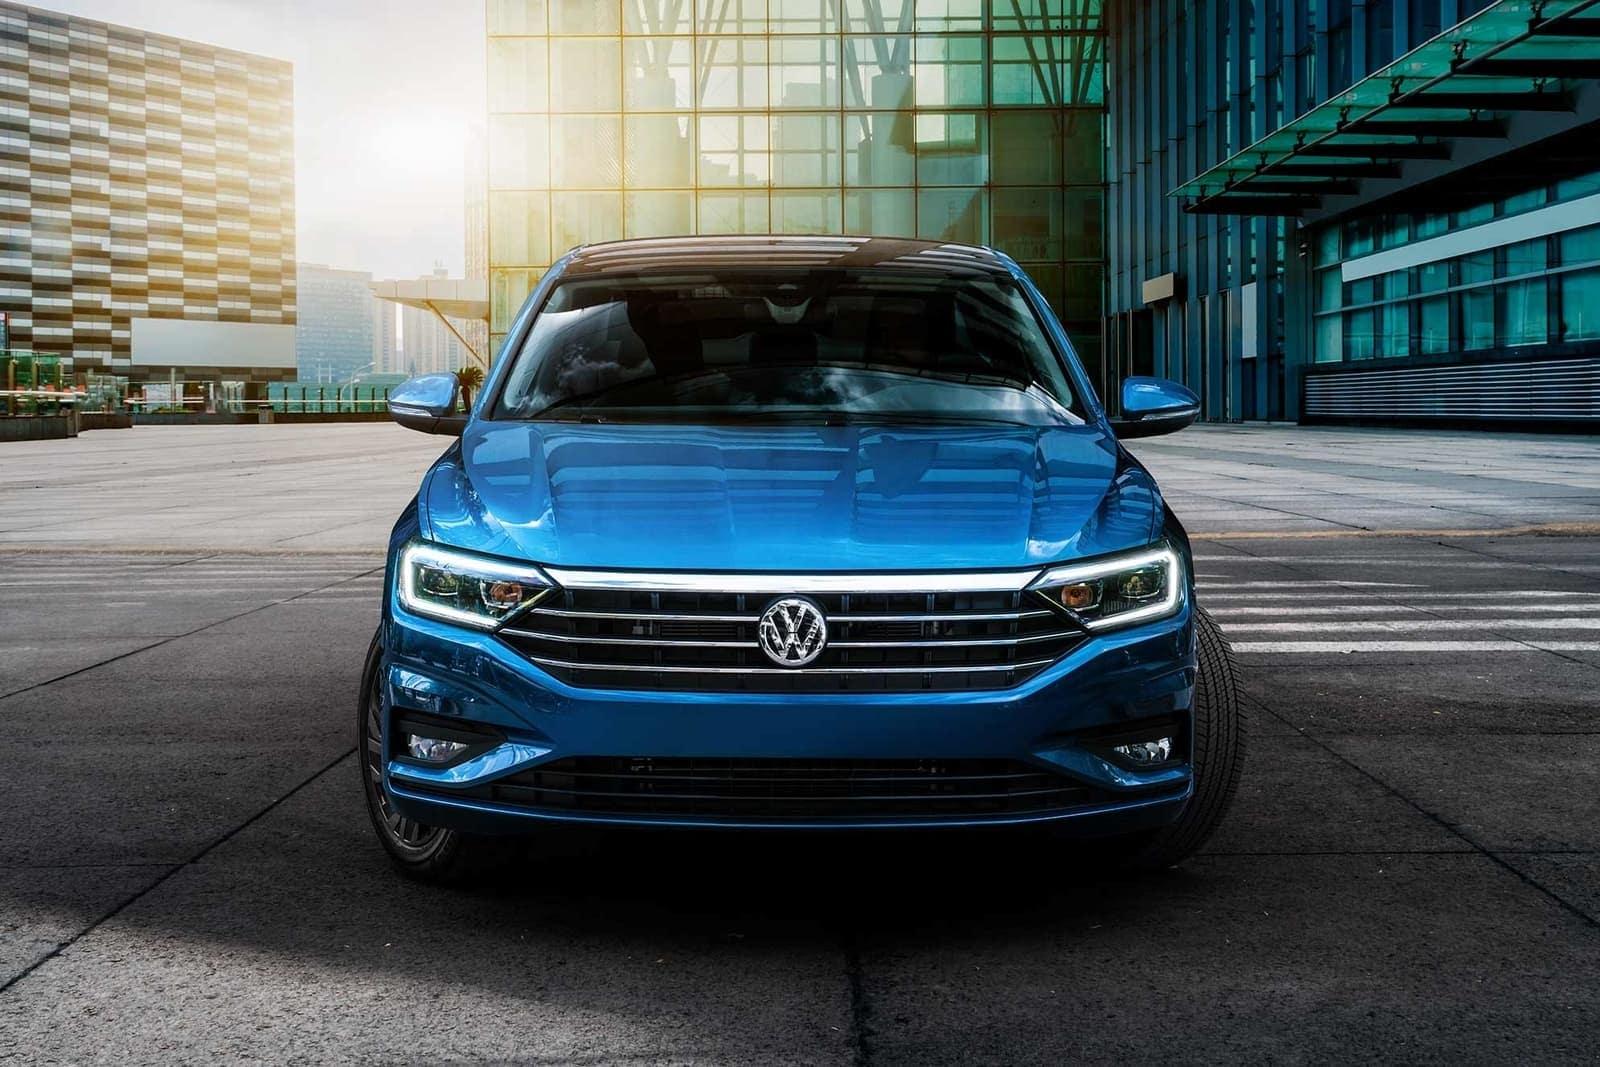 2019 Volkswagen Jetta exterior in blue